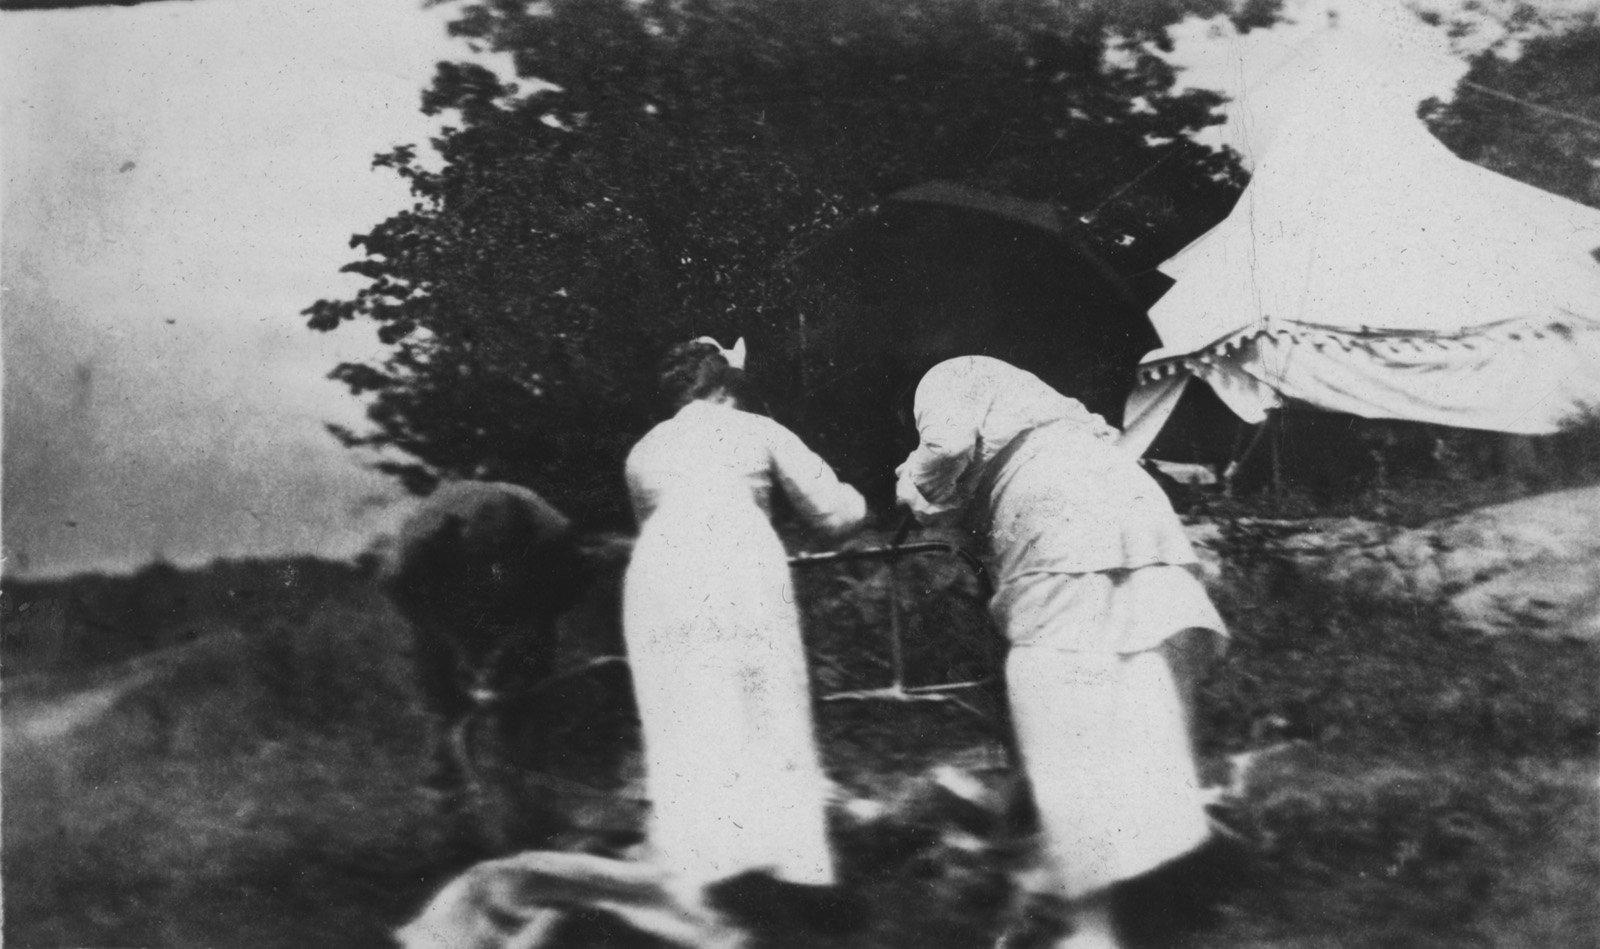 Nurses near tent at Fettercairn